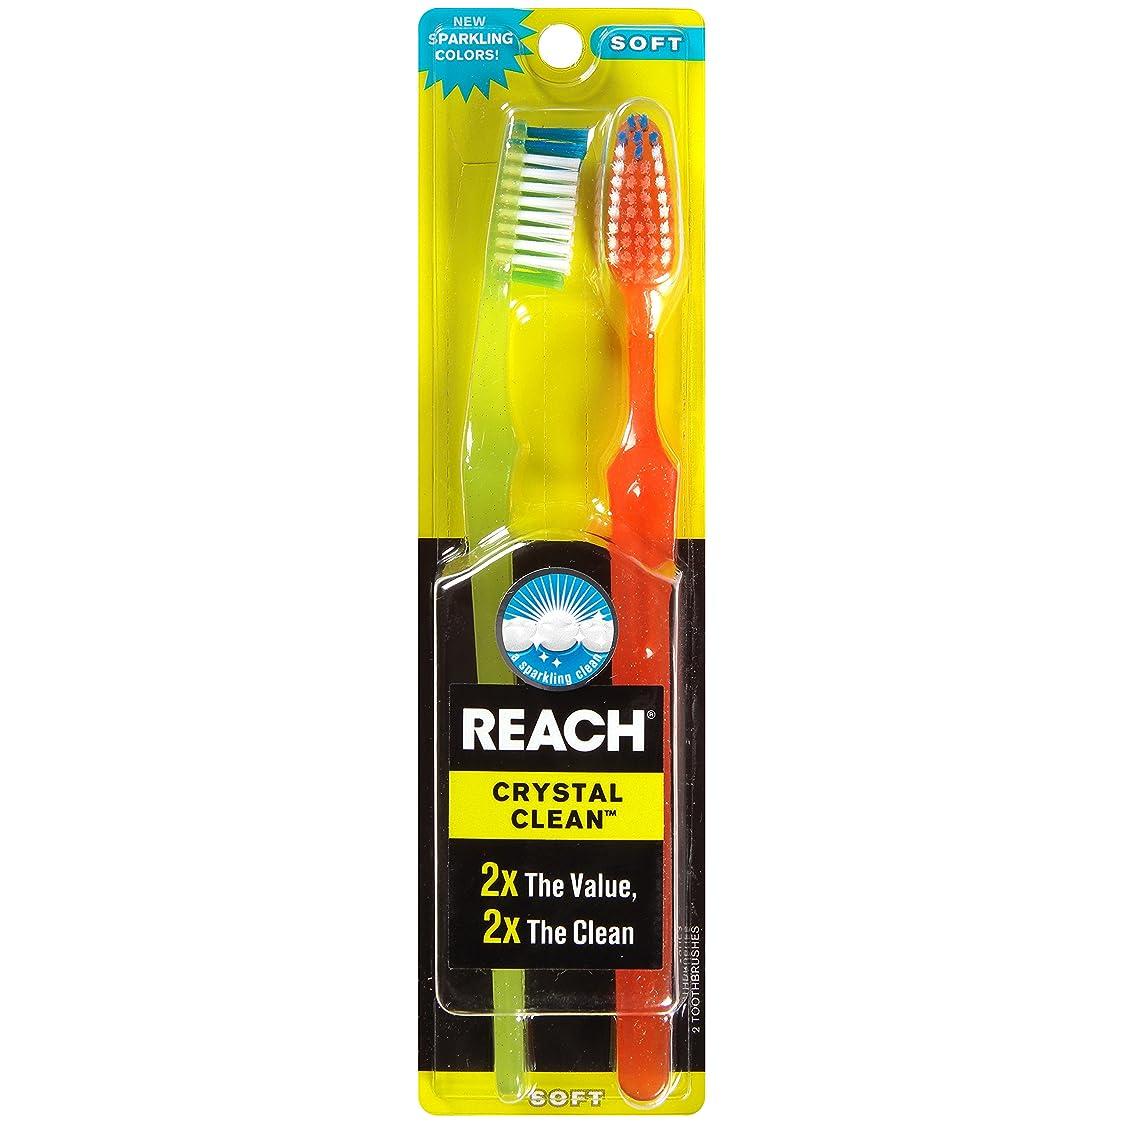 シャベル泥だらけ雇用Reach Toothbrush Crystal Clean Soft Twin (6 Pieces) by Reach